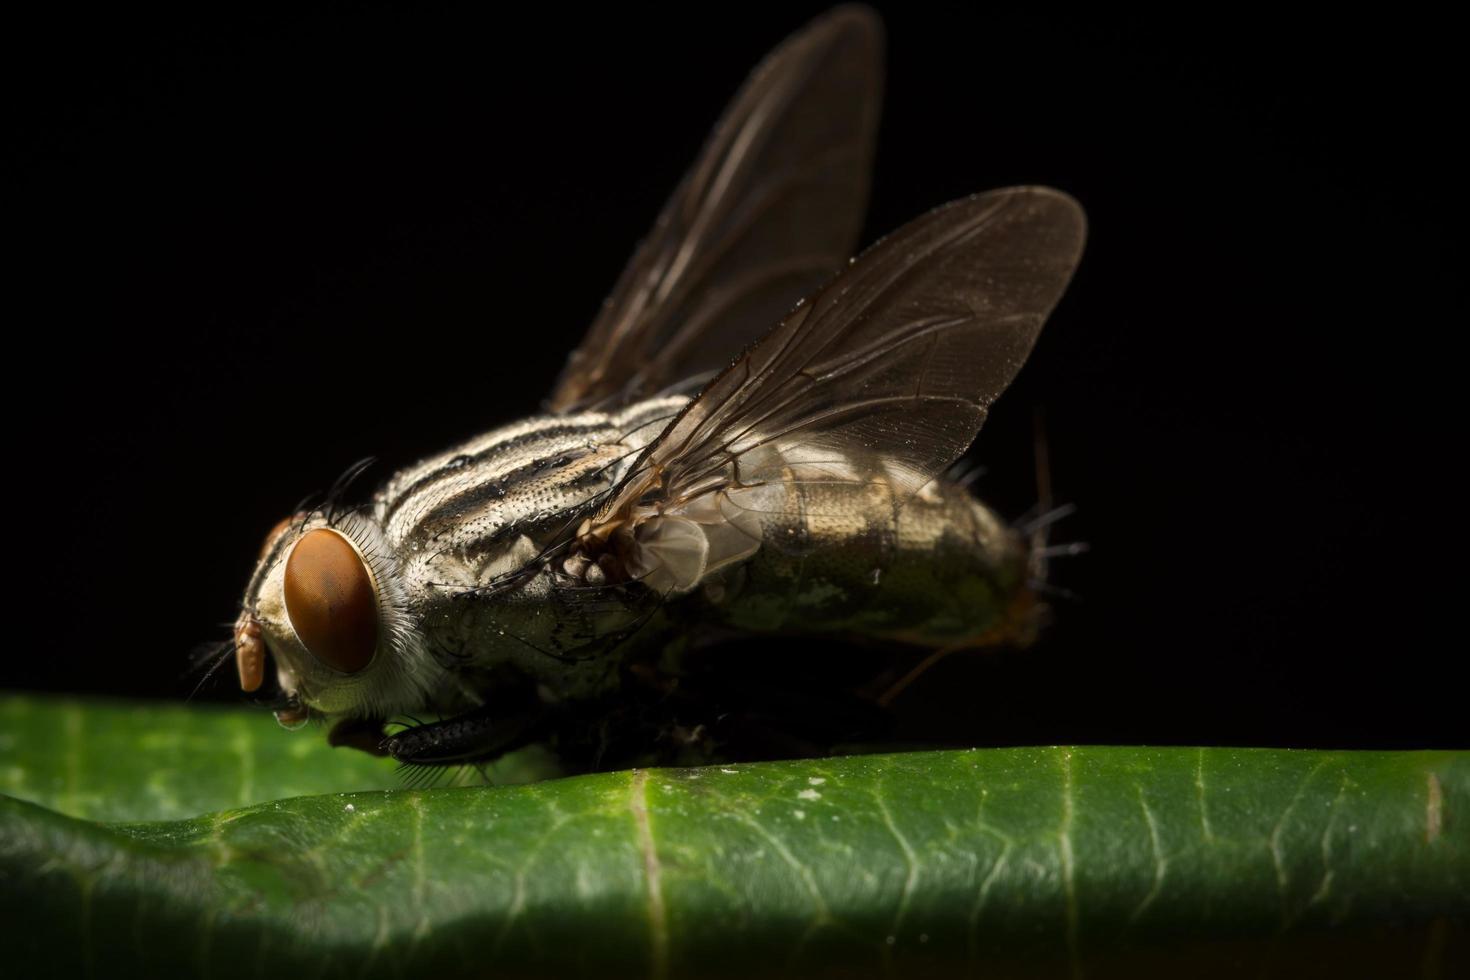 auf einem Blatt fliegen foto